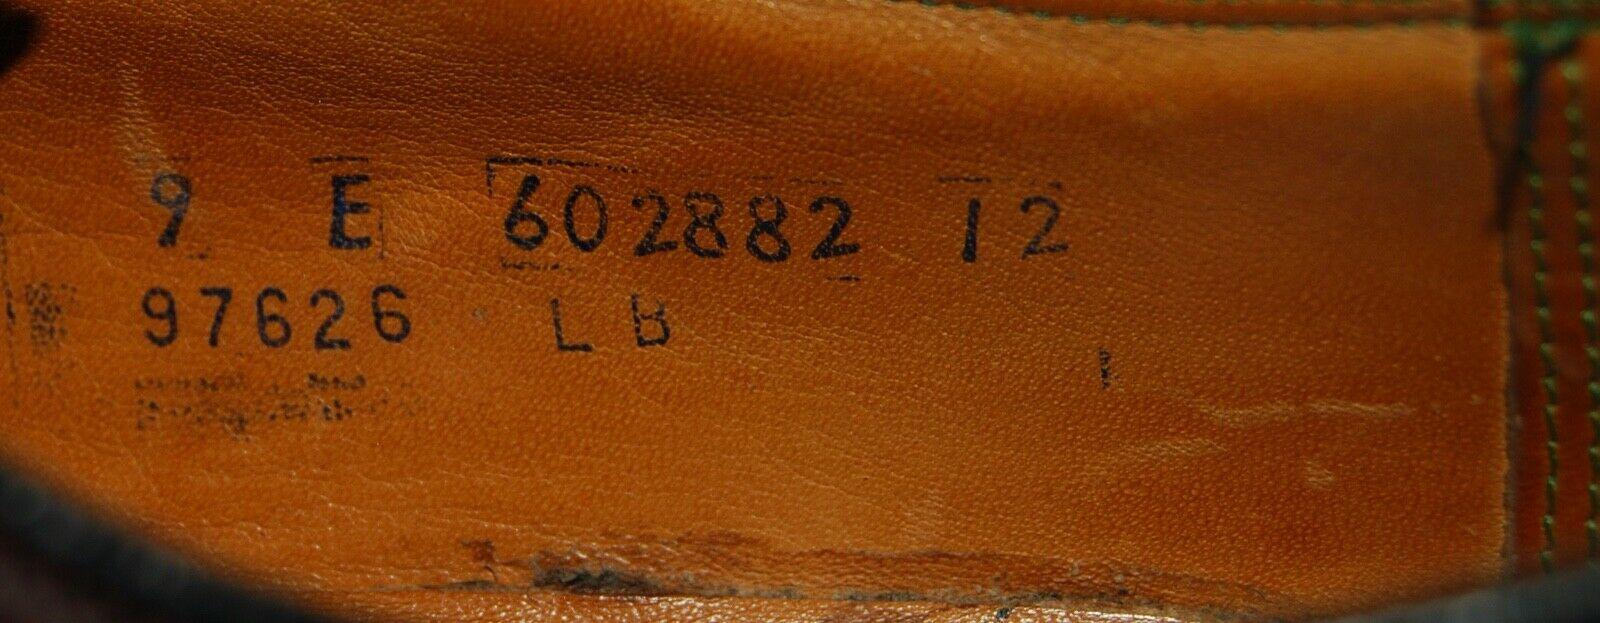 s-l1600 (3).jpg